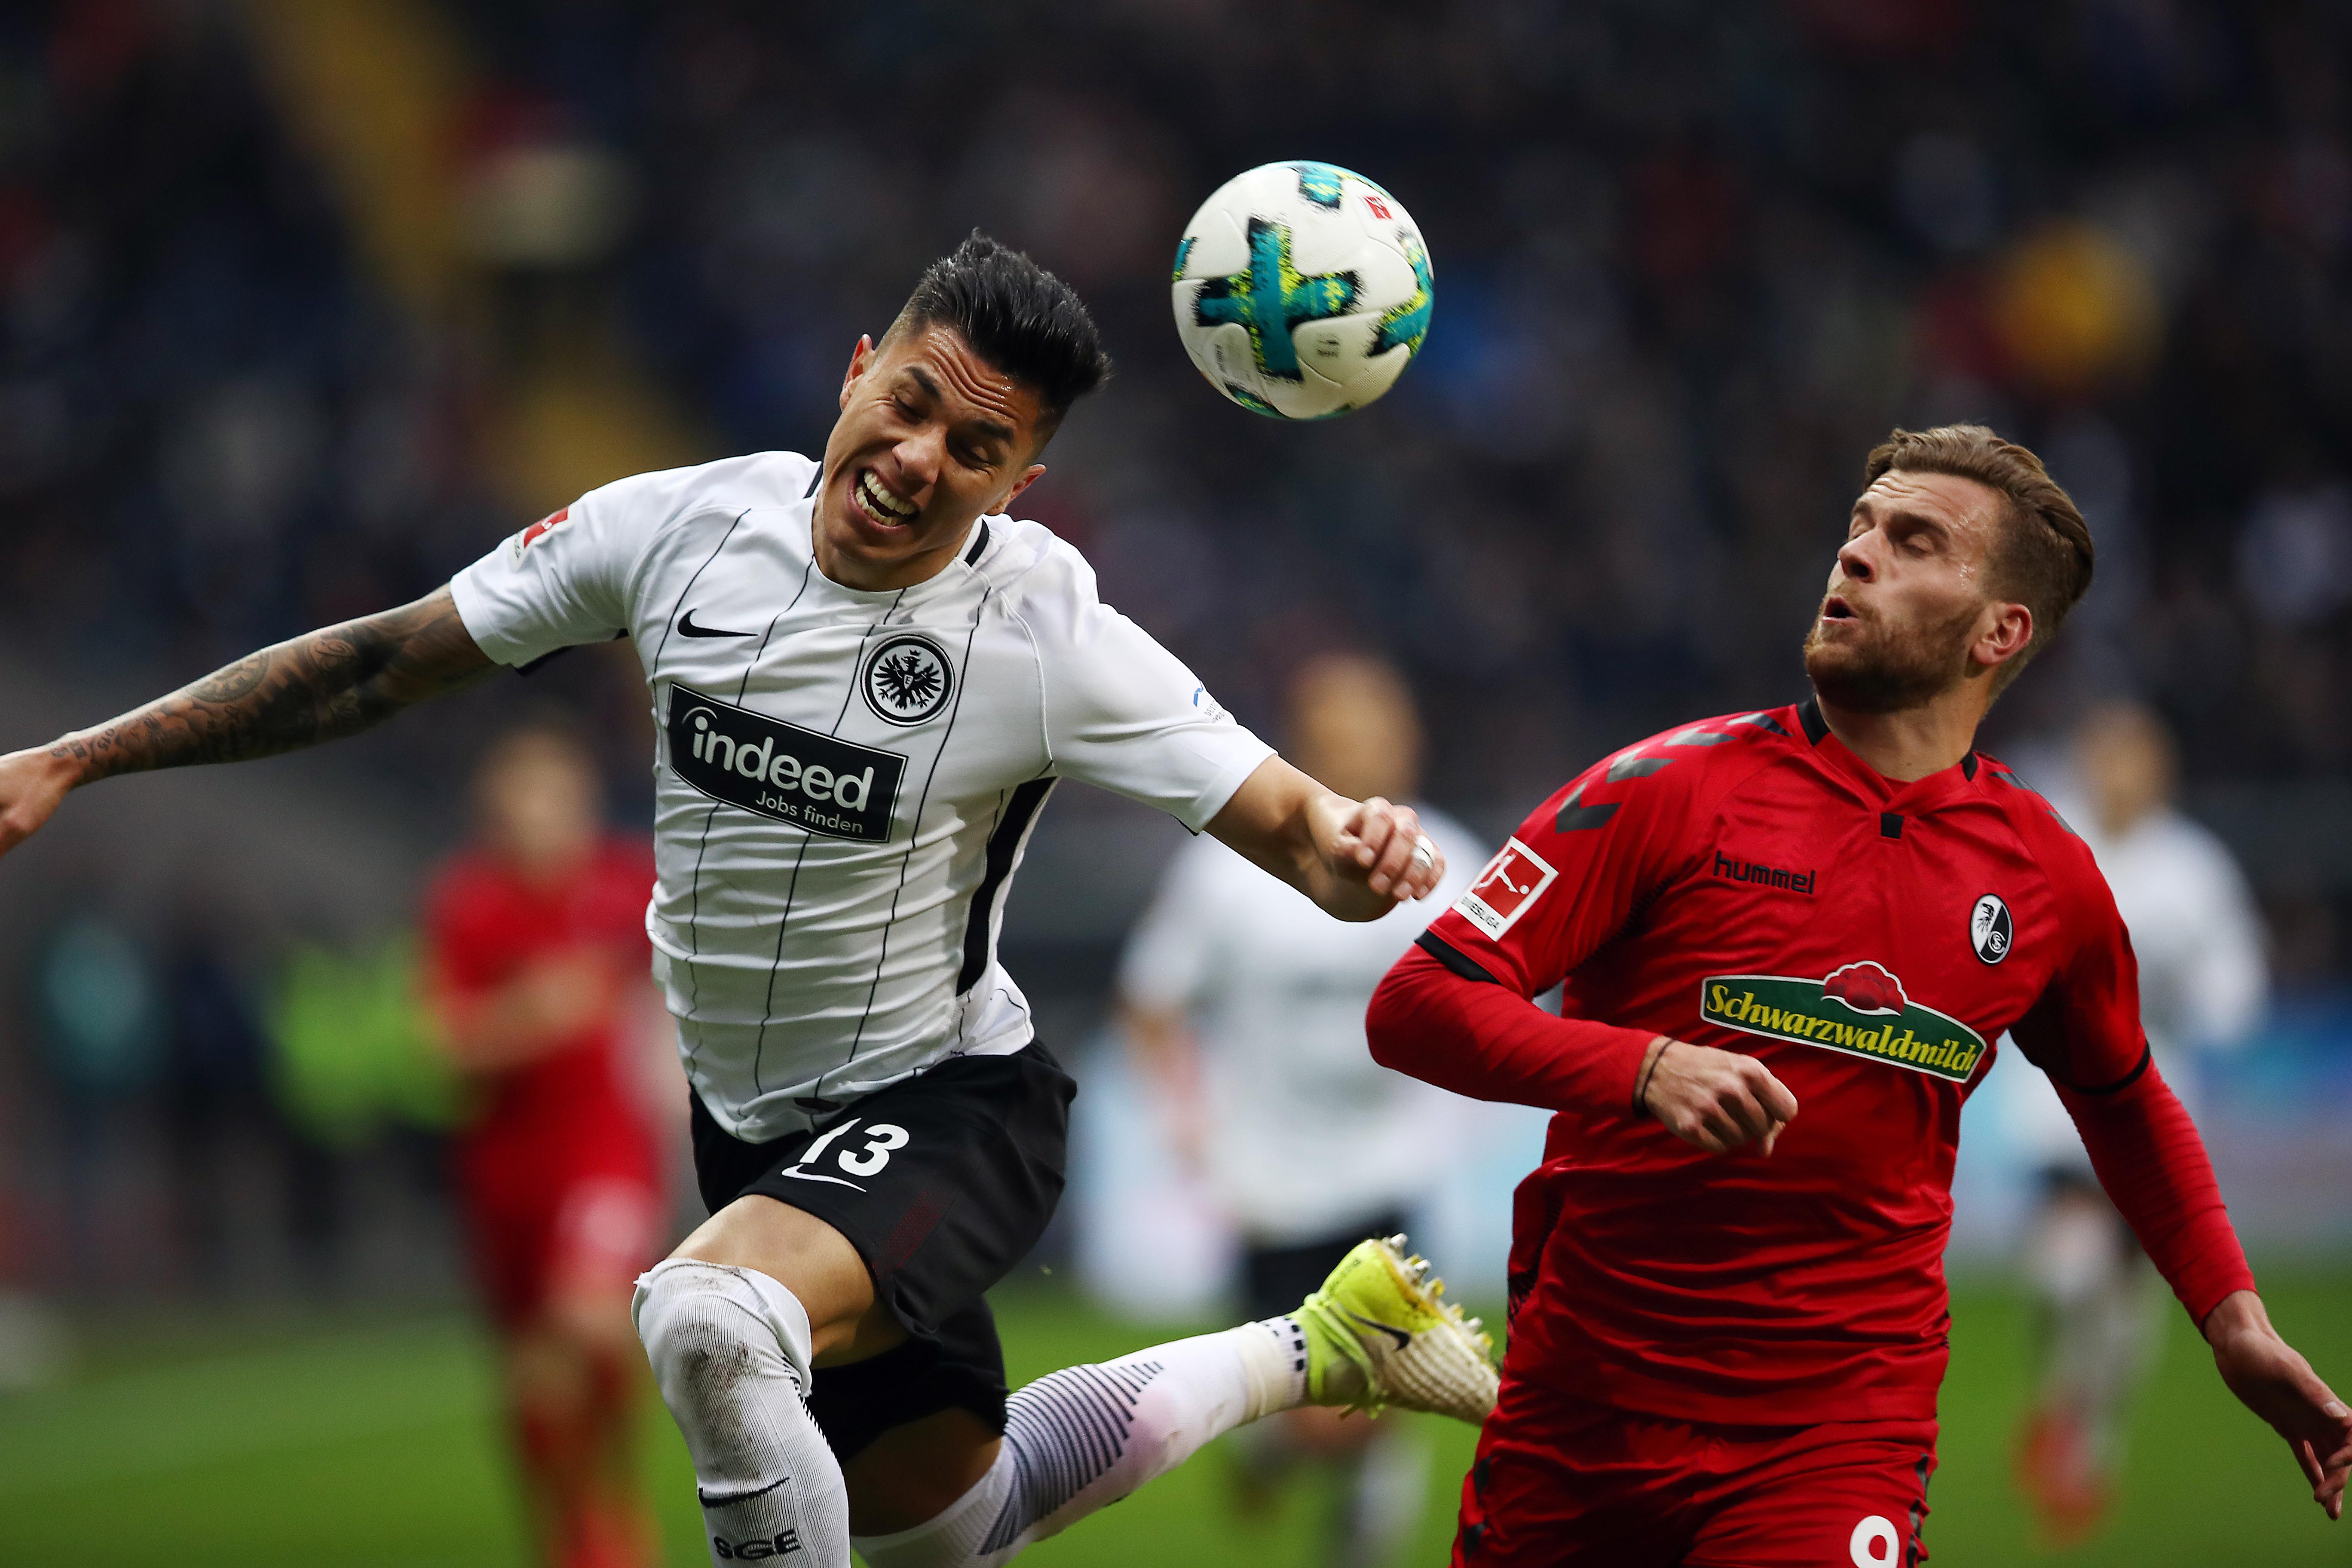 En fotos: Eintracht Frankfurt empató ante el Friburgo con Carlos Salcedo de titular